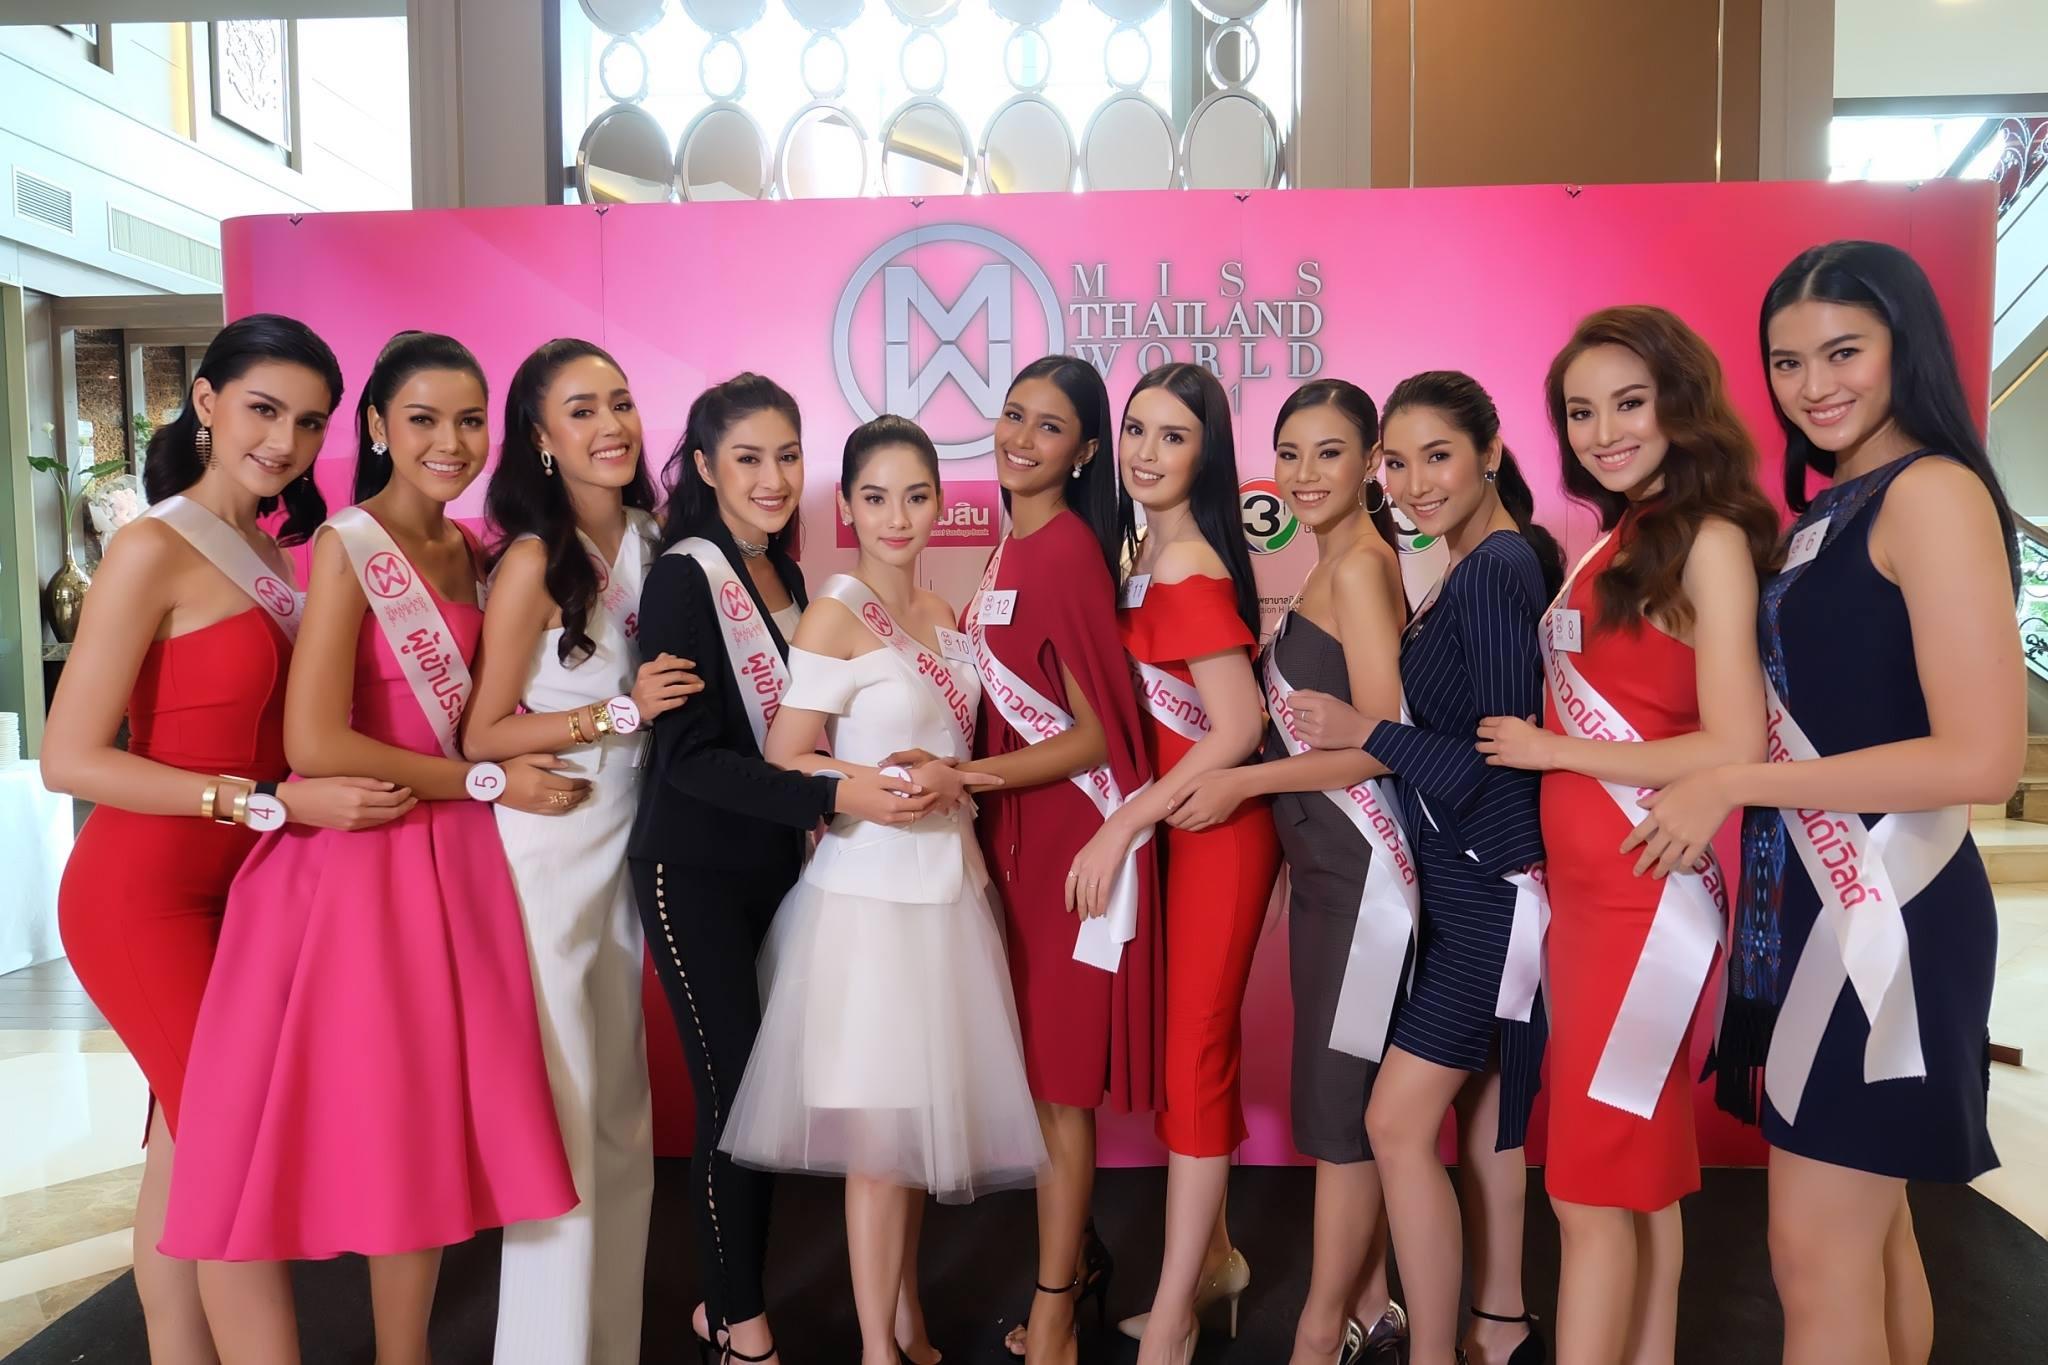 การปฐมนิเทศ ของ 30 สาวงาม ผู้เข้าประกวดมิสไทยแลนด์เวิลด์ 2018